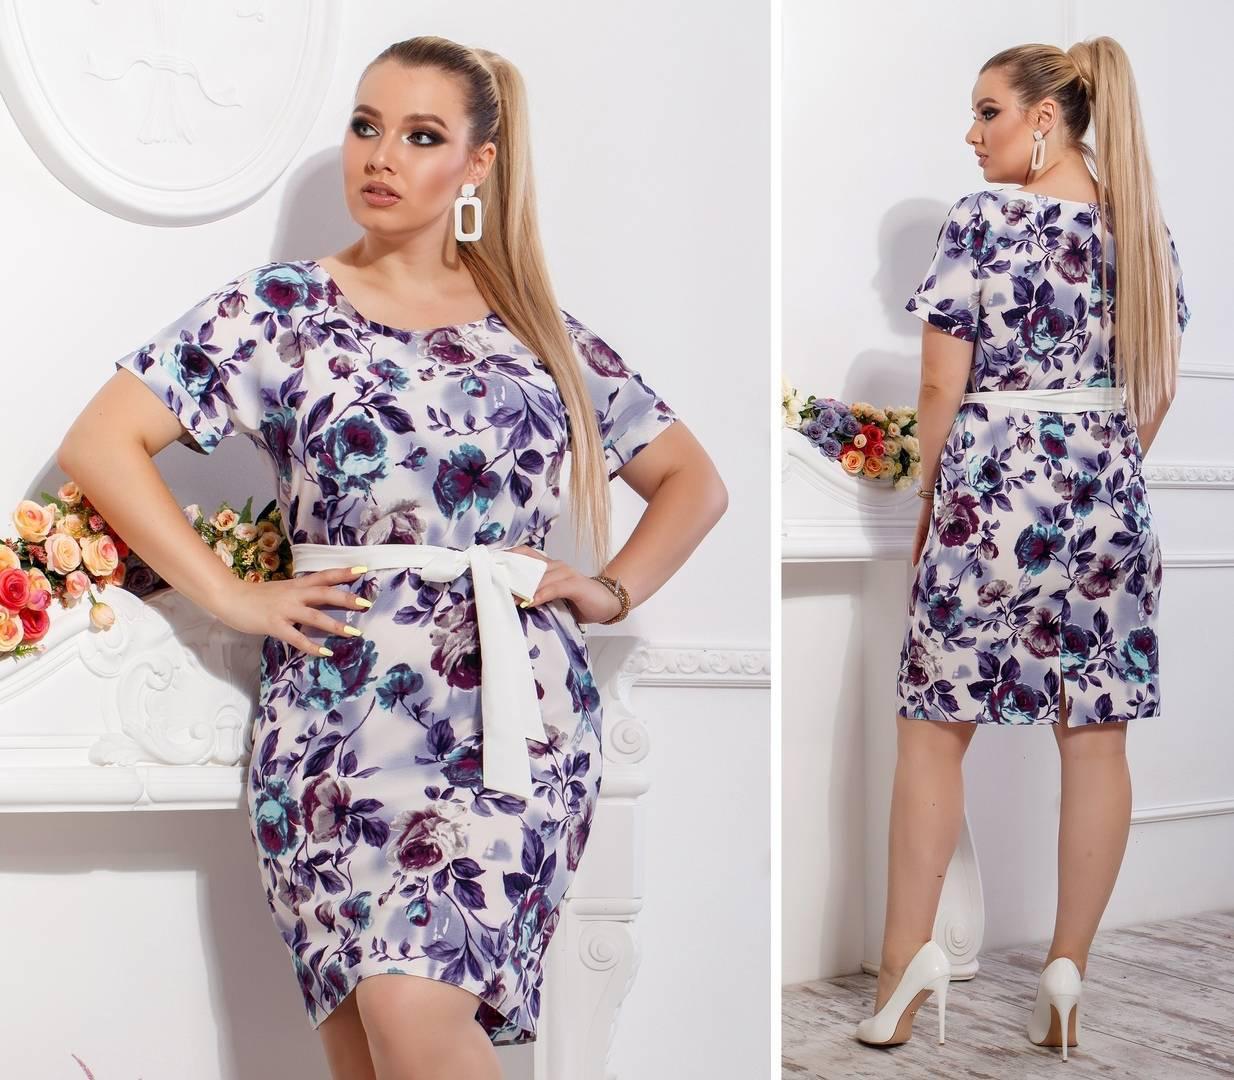 Новинка! Летнее платье с поясом ( арт. 110 ), ткань супер софт, принт фиолетовая роза на белом